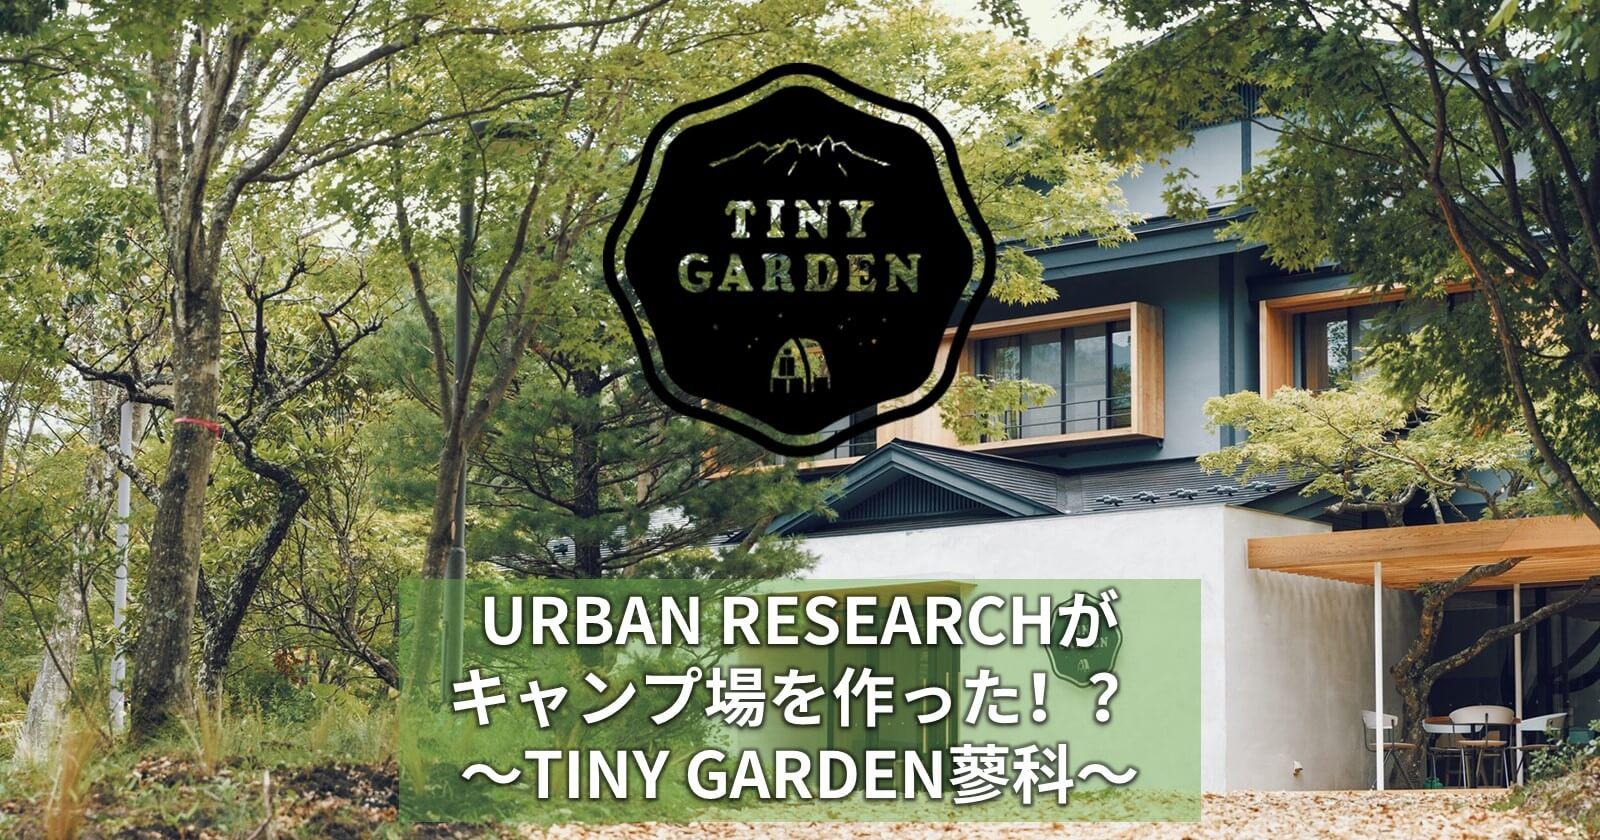 蓼 科 garden tiny